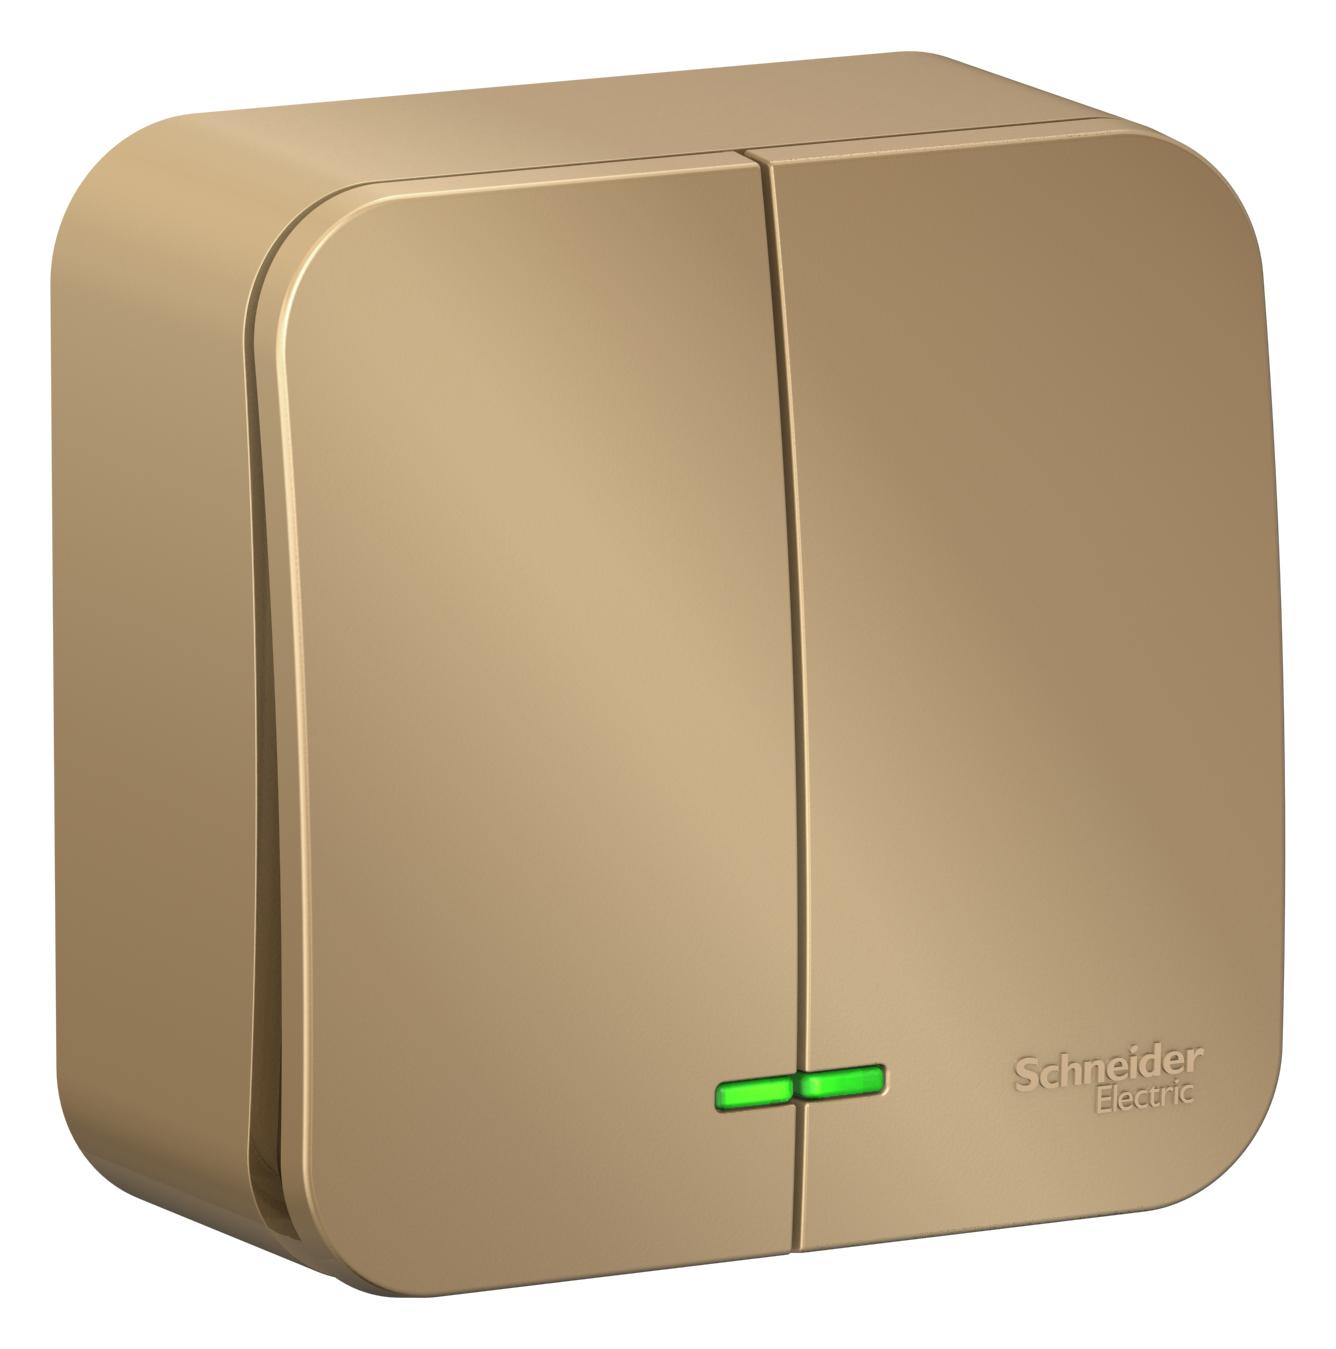 Выключатель Schneider electric Blnva105104 blanca выключатель schneider electric blnva101013 blanca